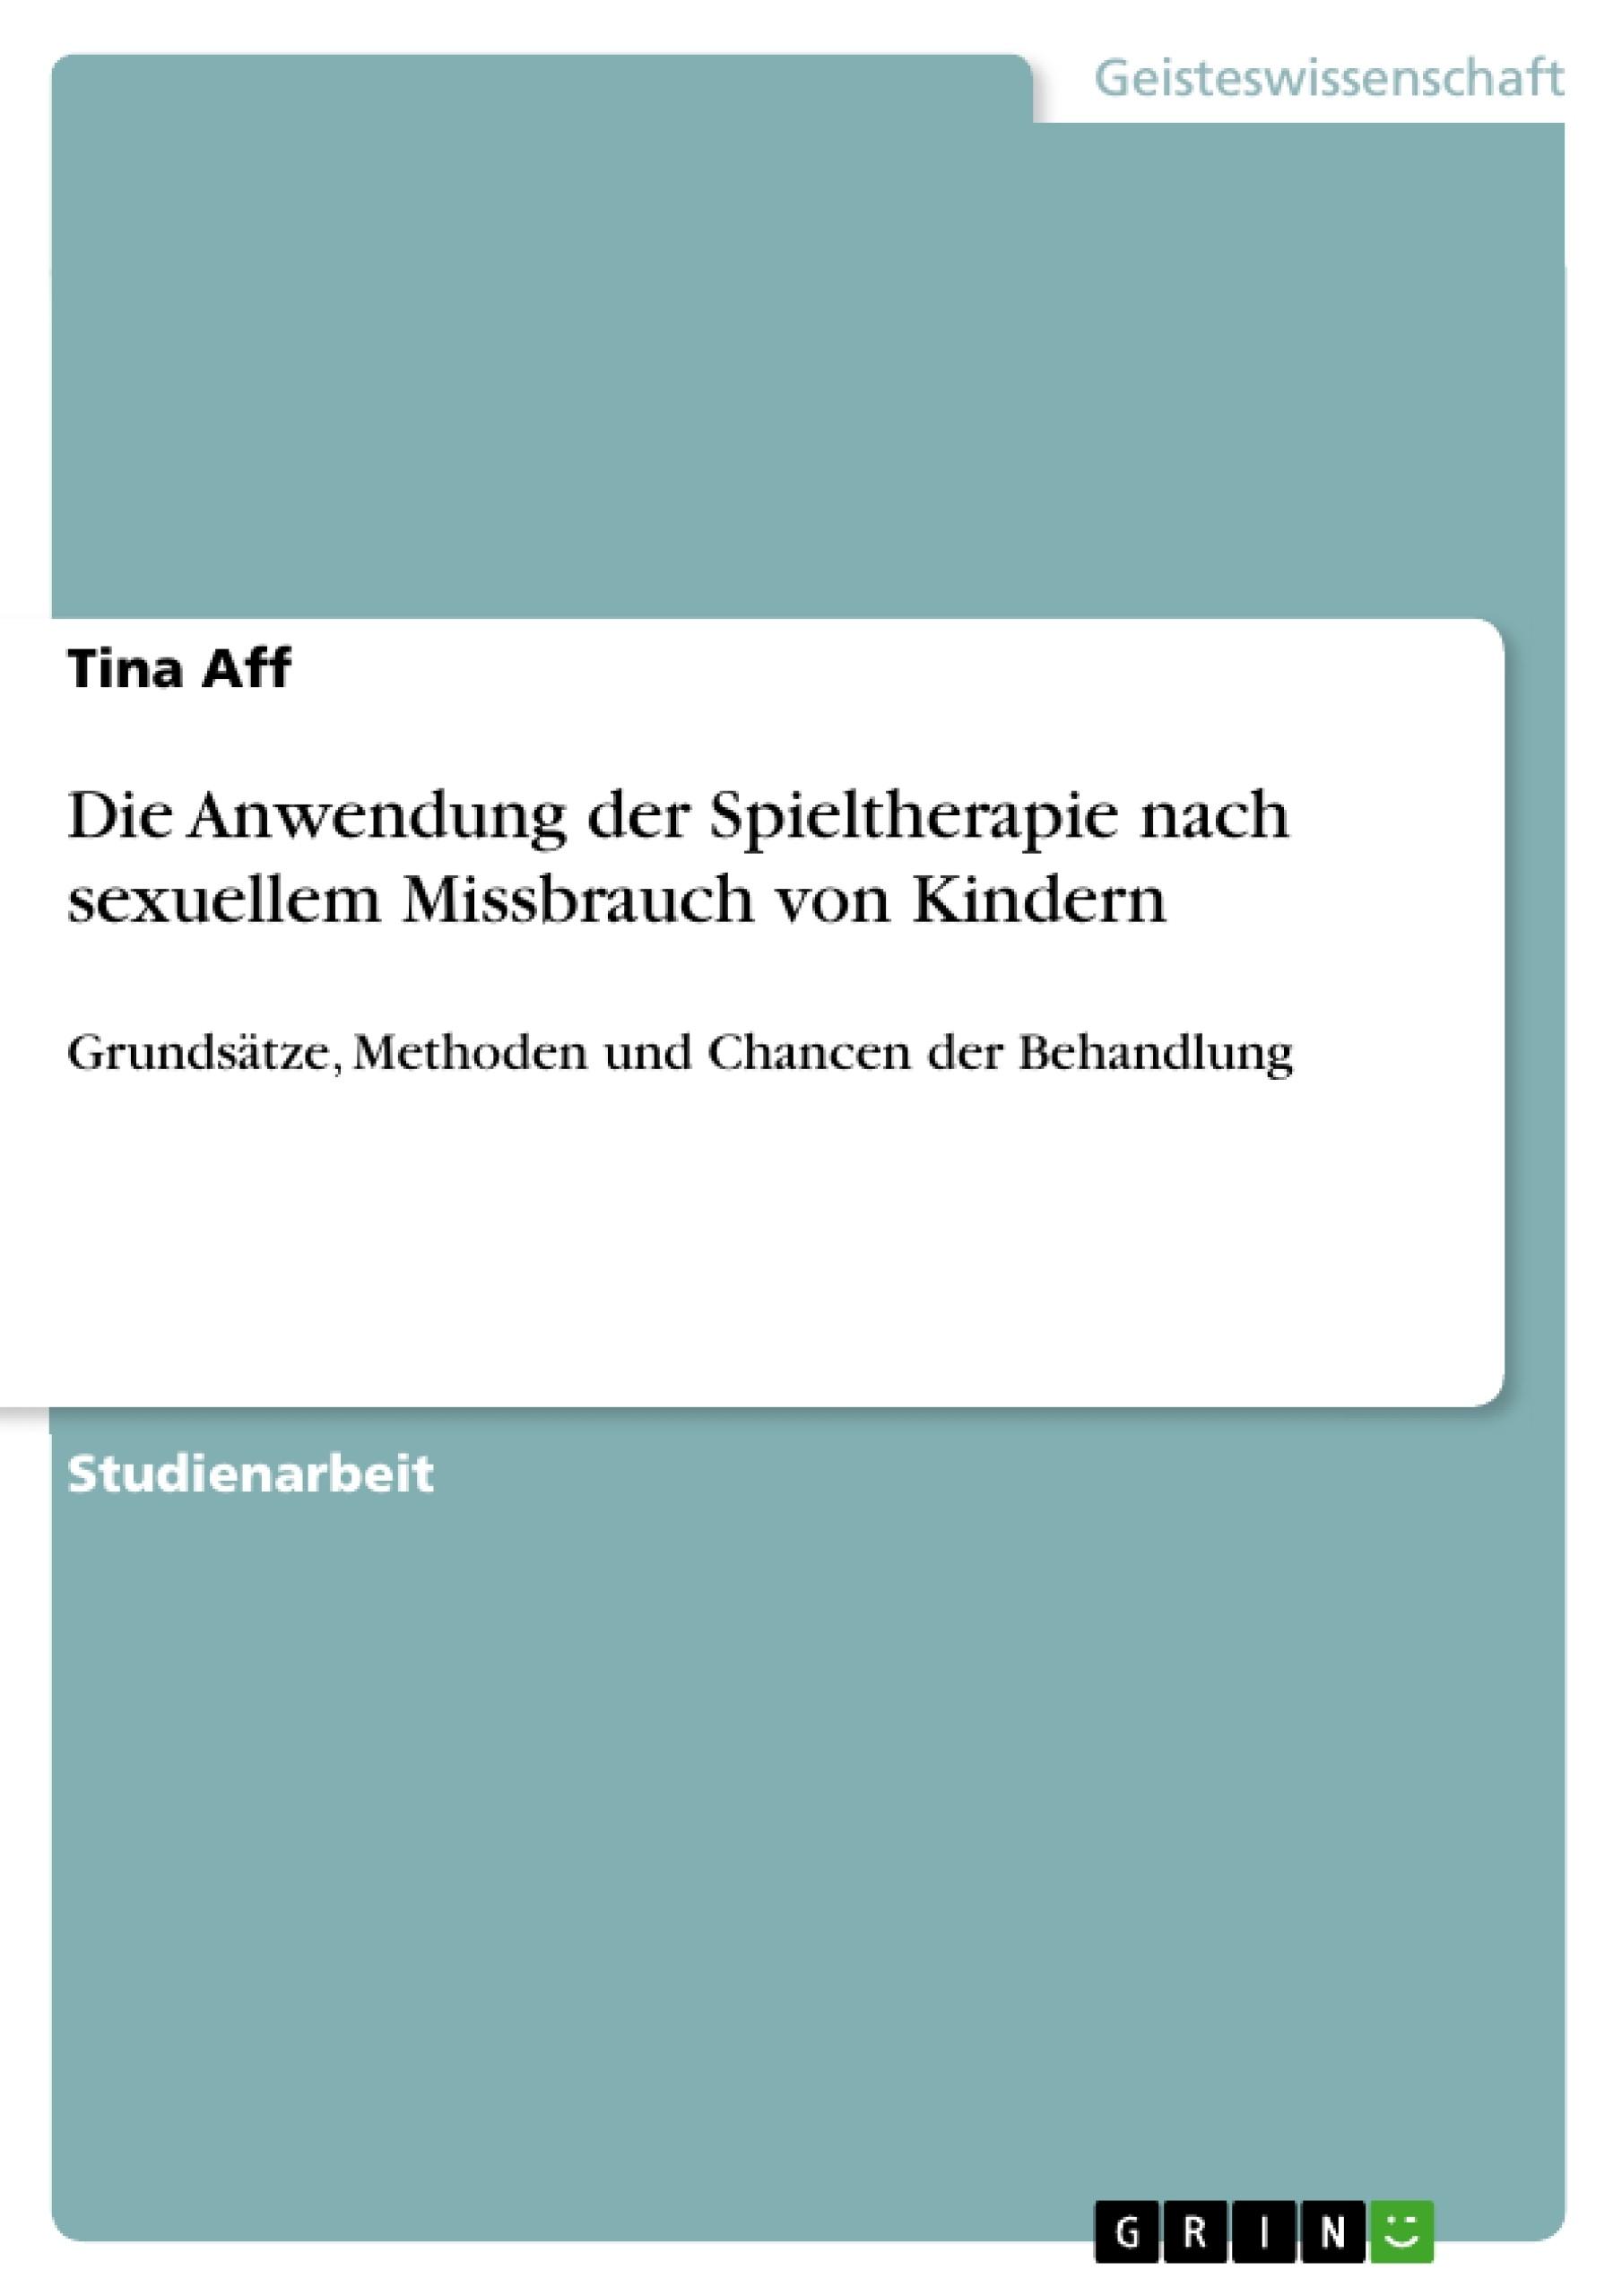 Titel: Die Anwendung der Spieltherapie nach sexuellem Missbrauch von Kindern